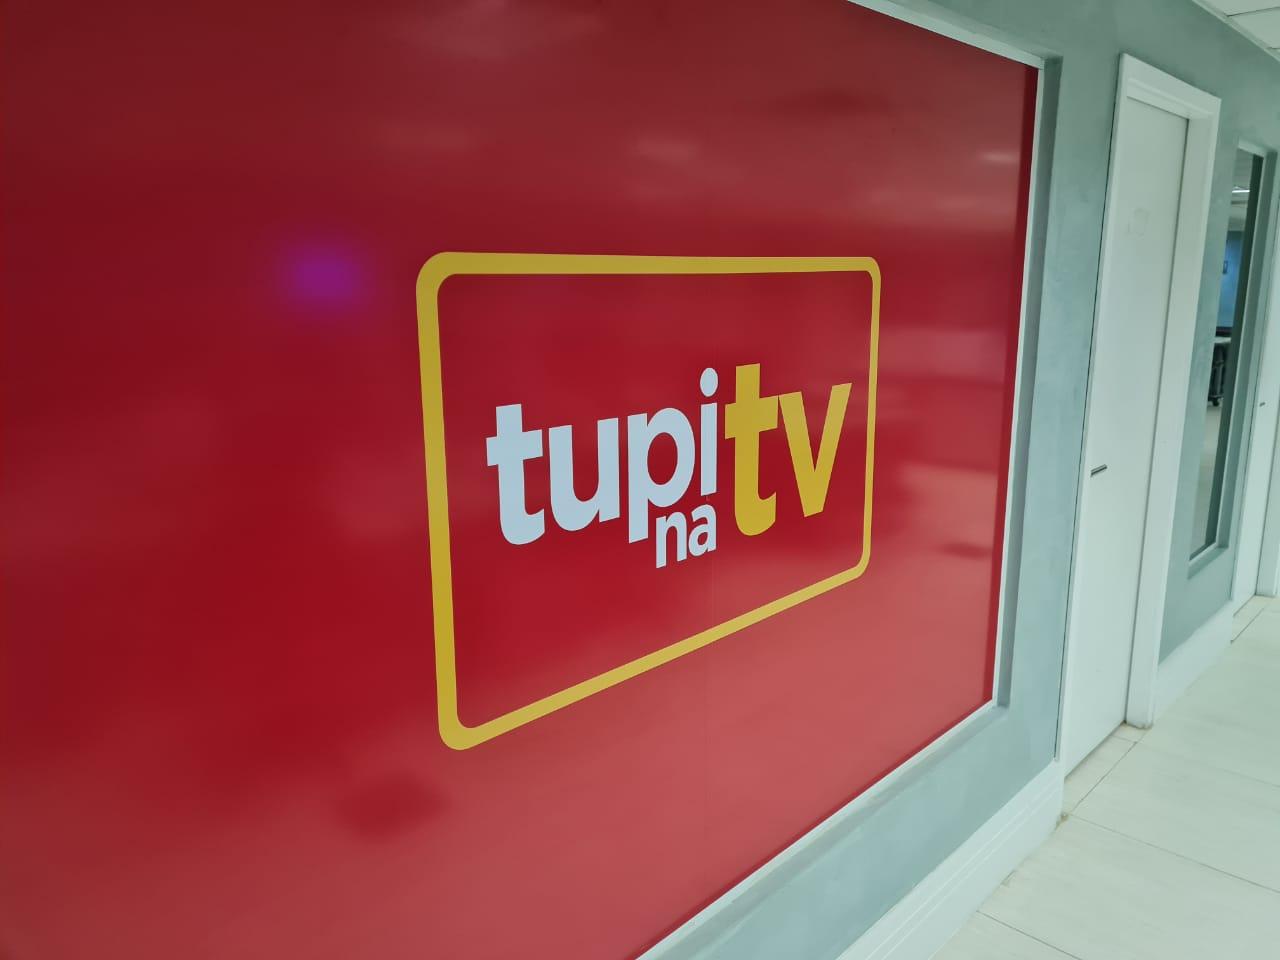 Tupi na TV